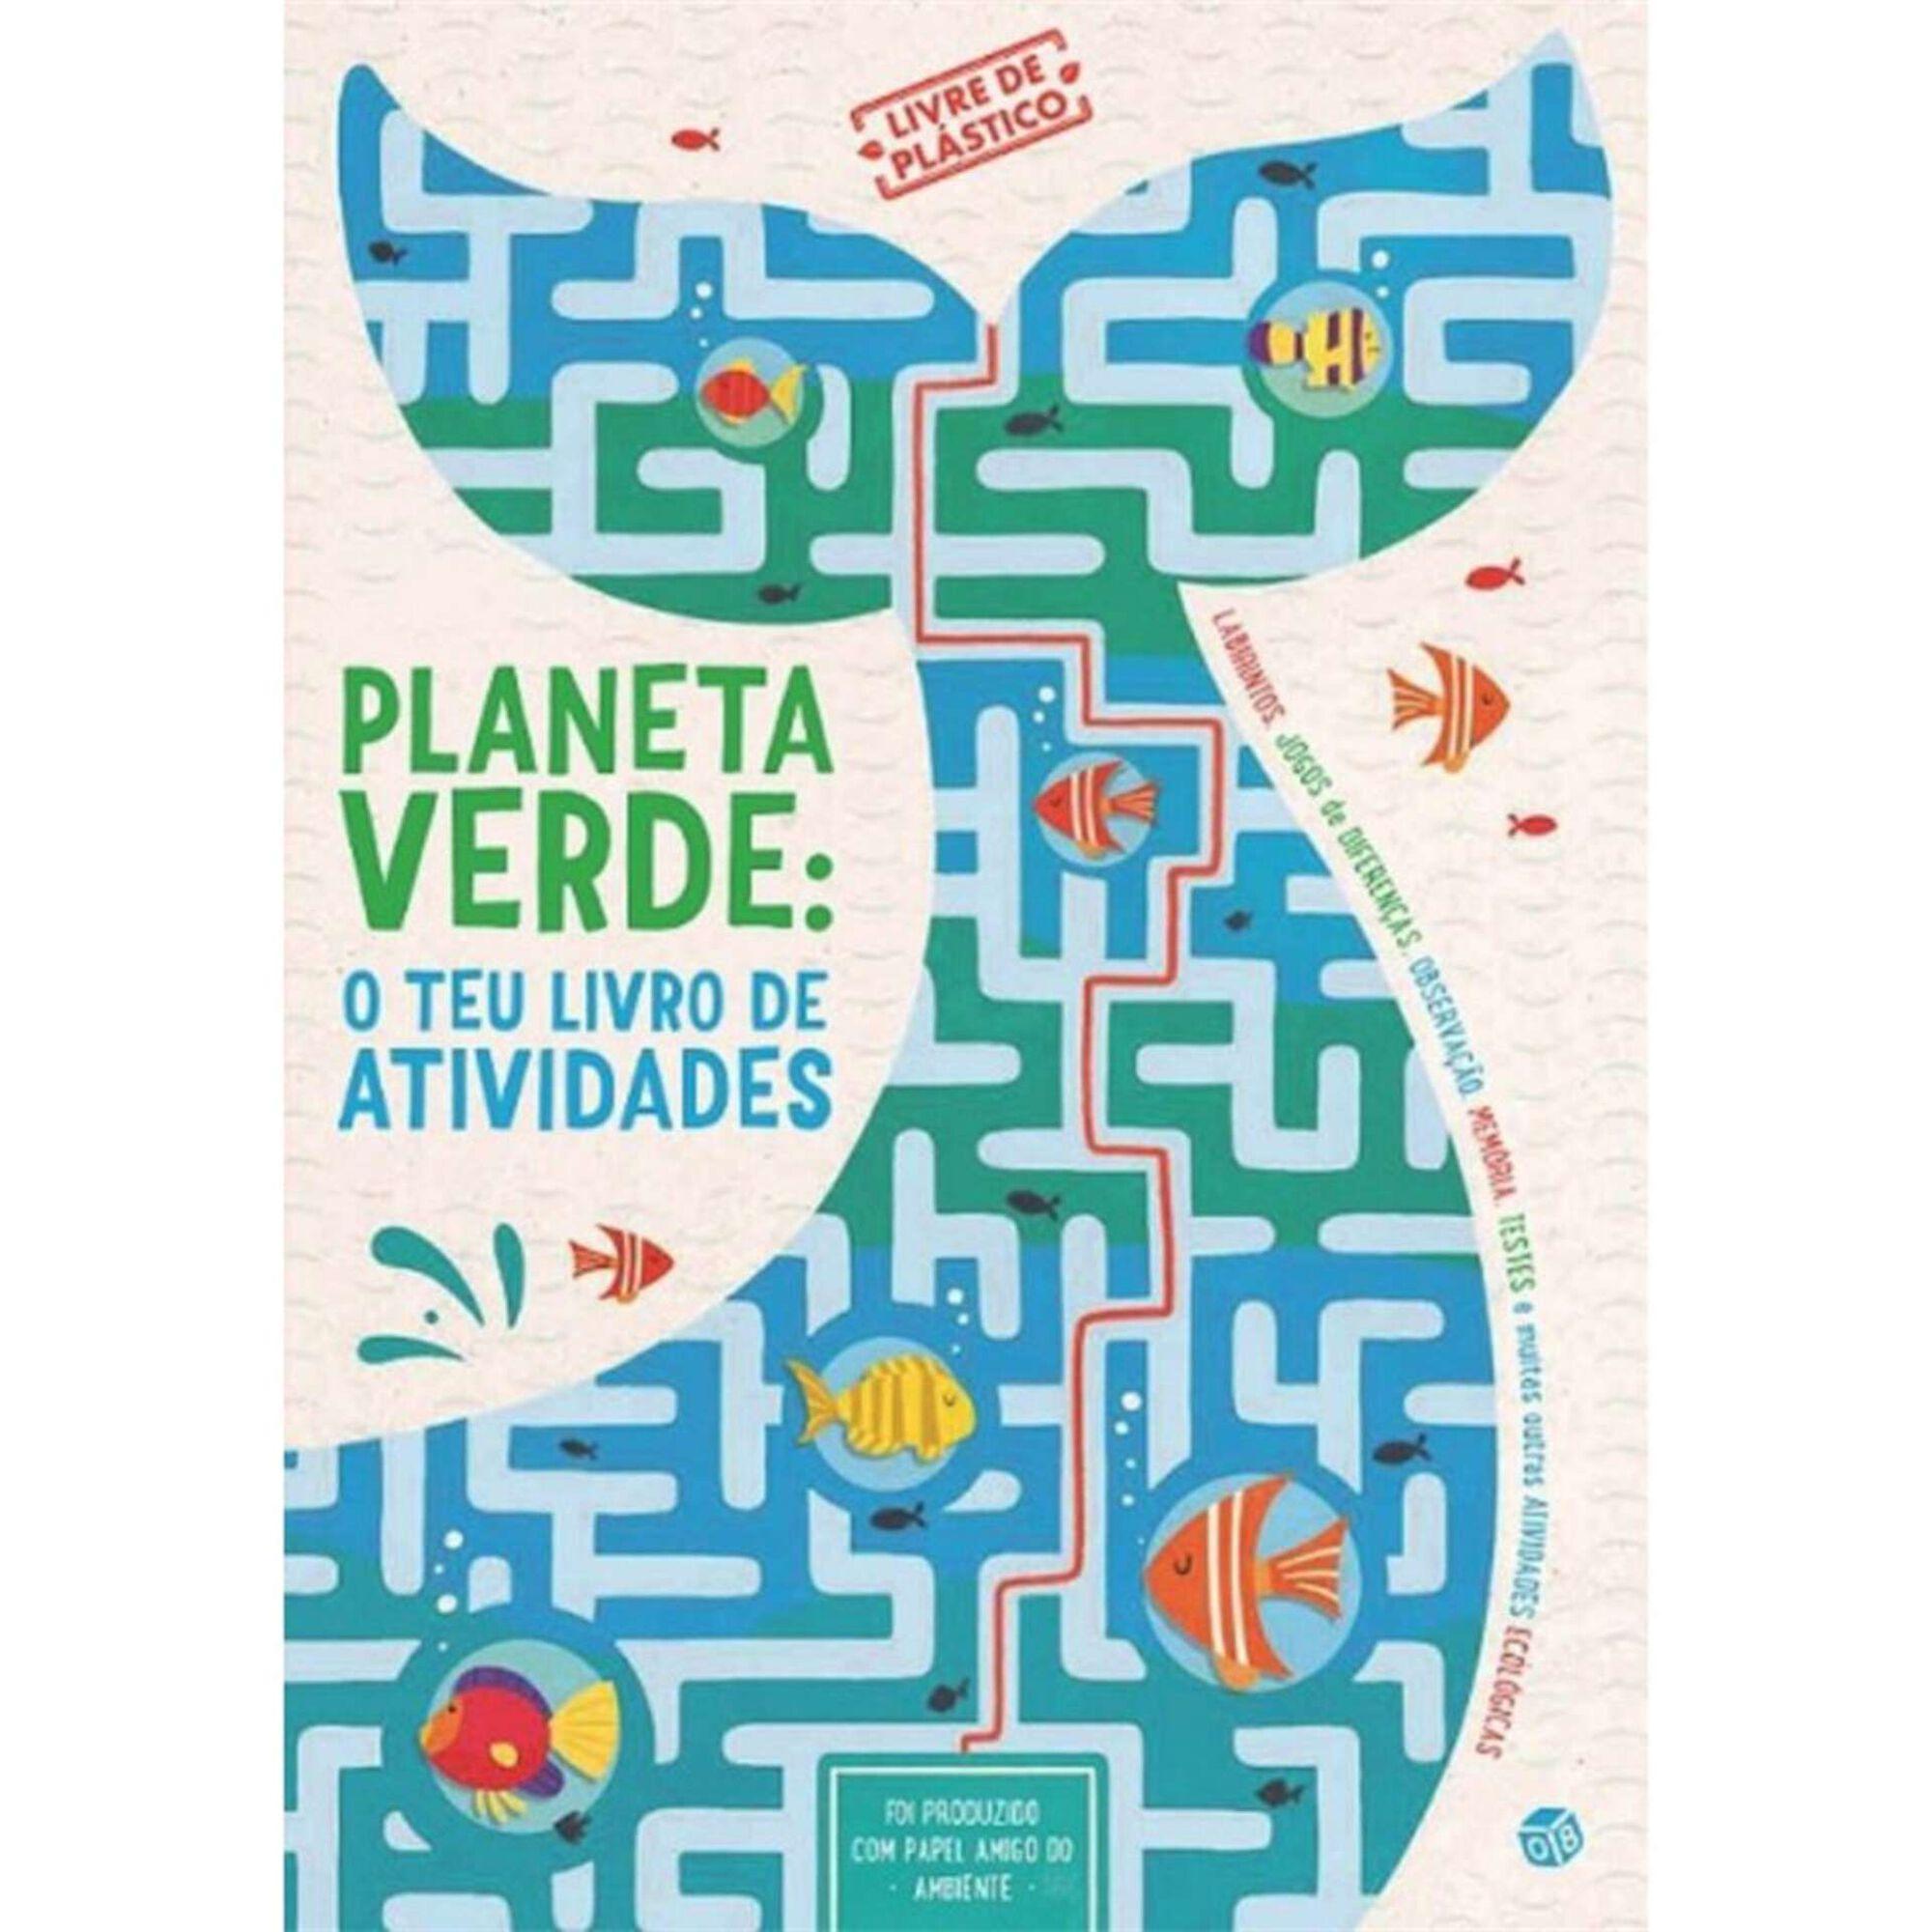 Planeta Verde - O Teu Livro de Atividades